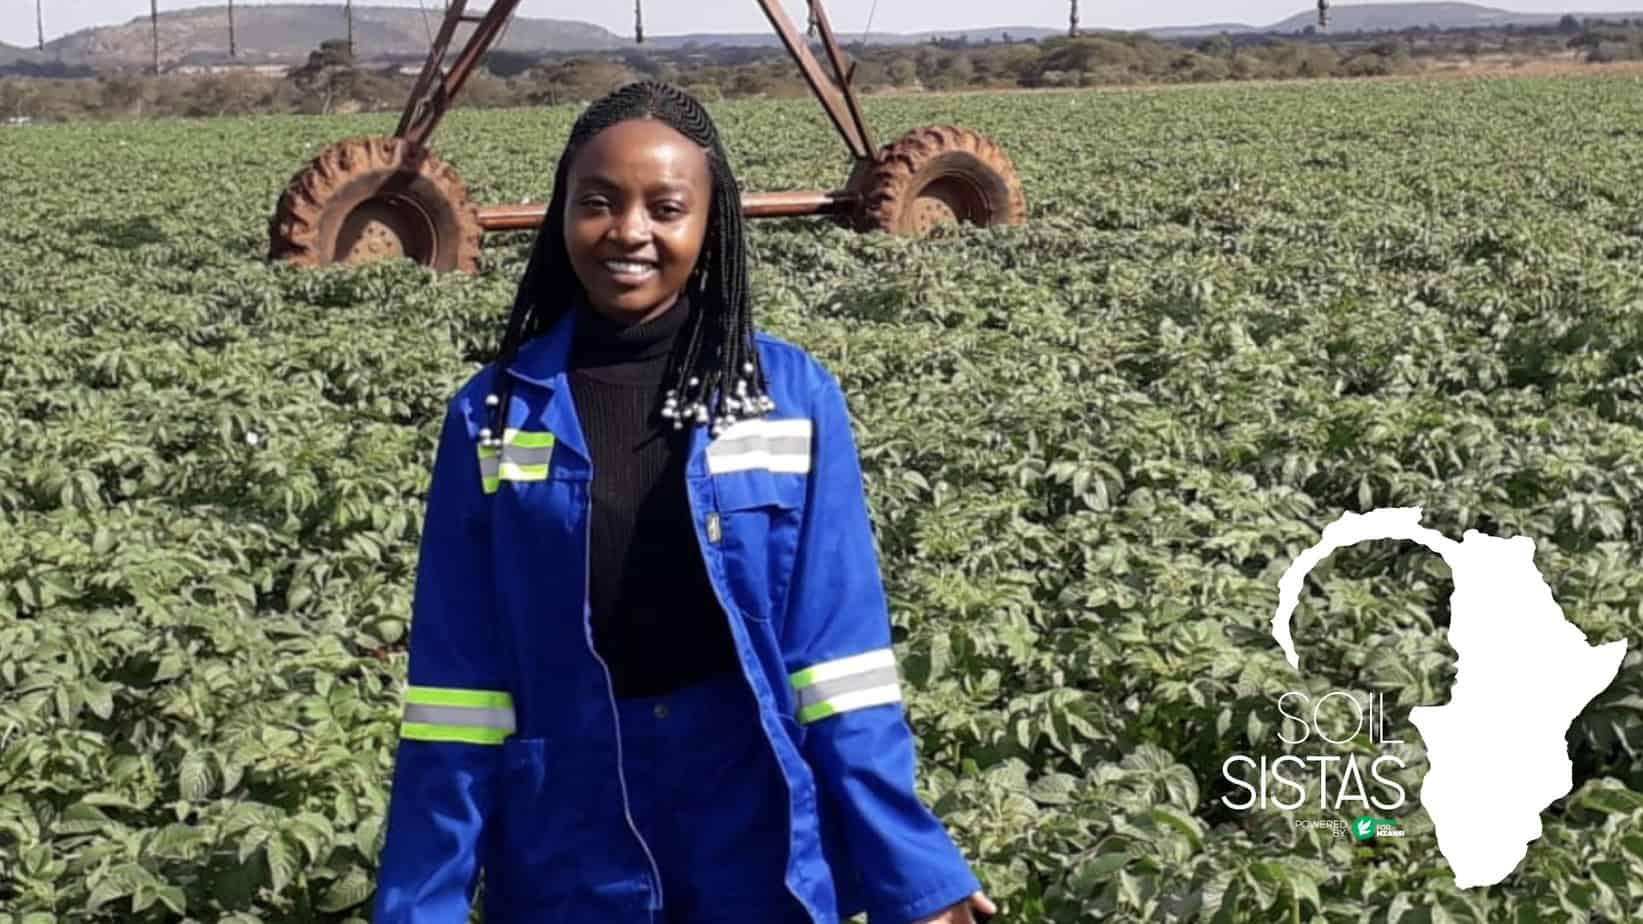 Entrepreneur Cleopatra Banda is not letting discrimination hold her back.